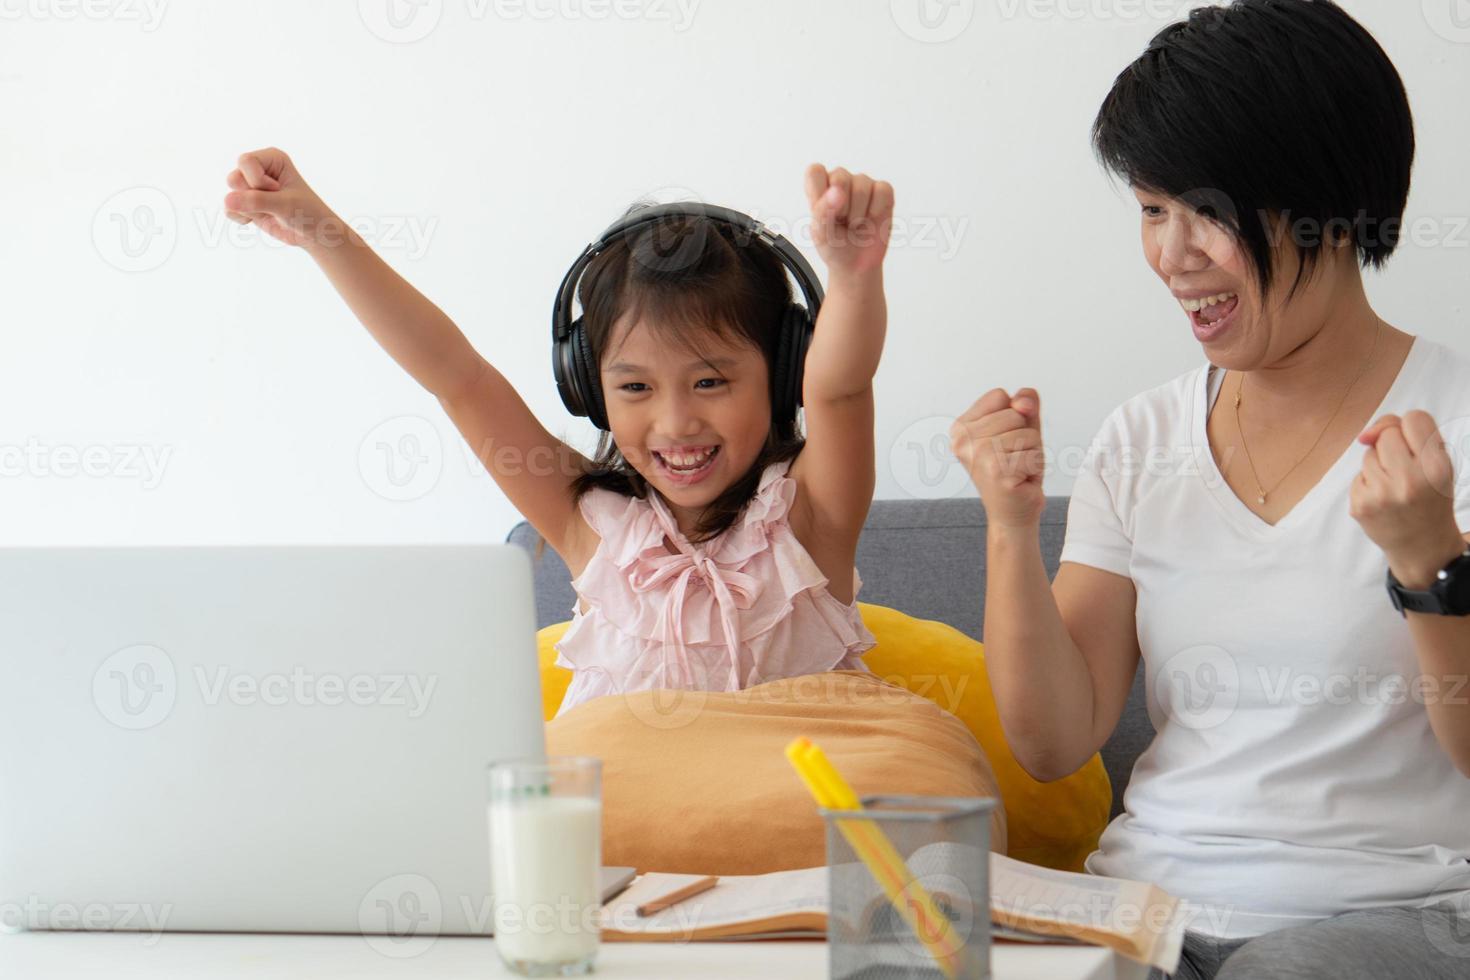 une mère asiatique enseigne à une jeune fille de la leçon d'informatique en ligne comme enseignement à domicile en raison d'une épidémie de covid-19 ou de coronavirus photo